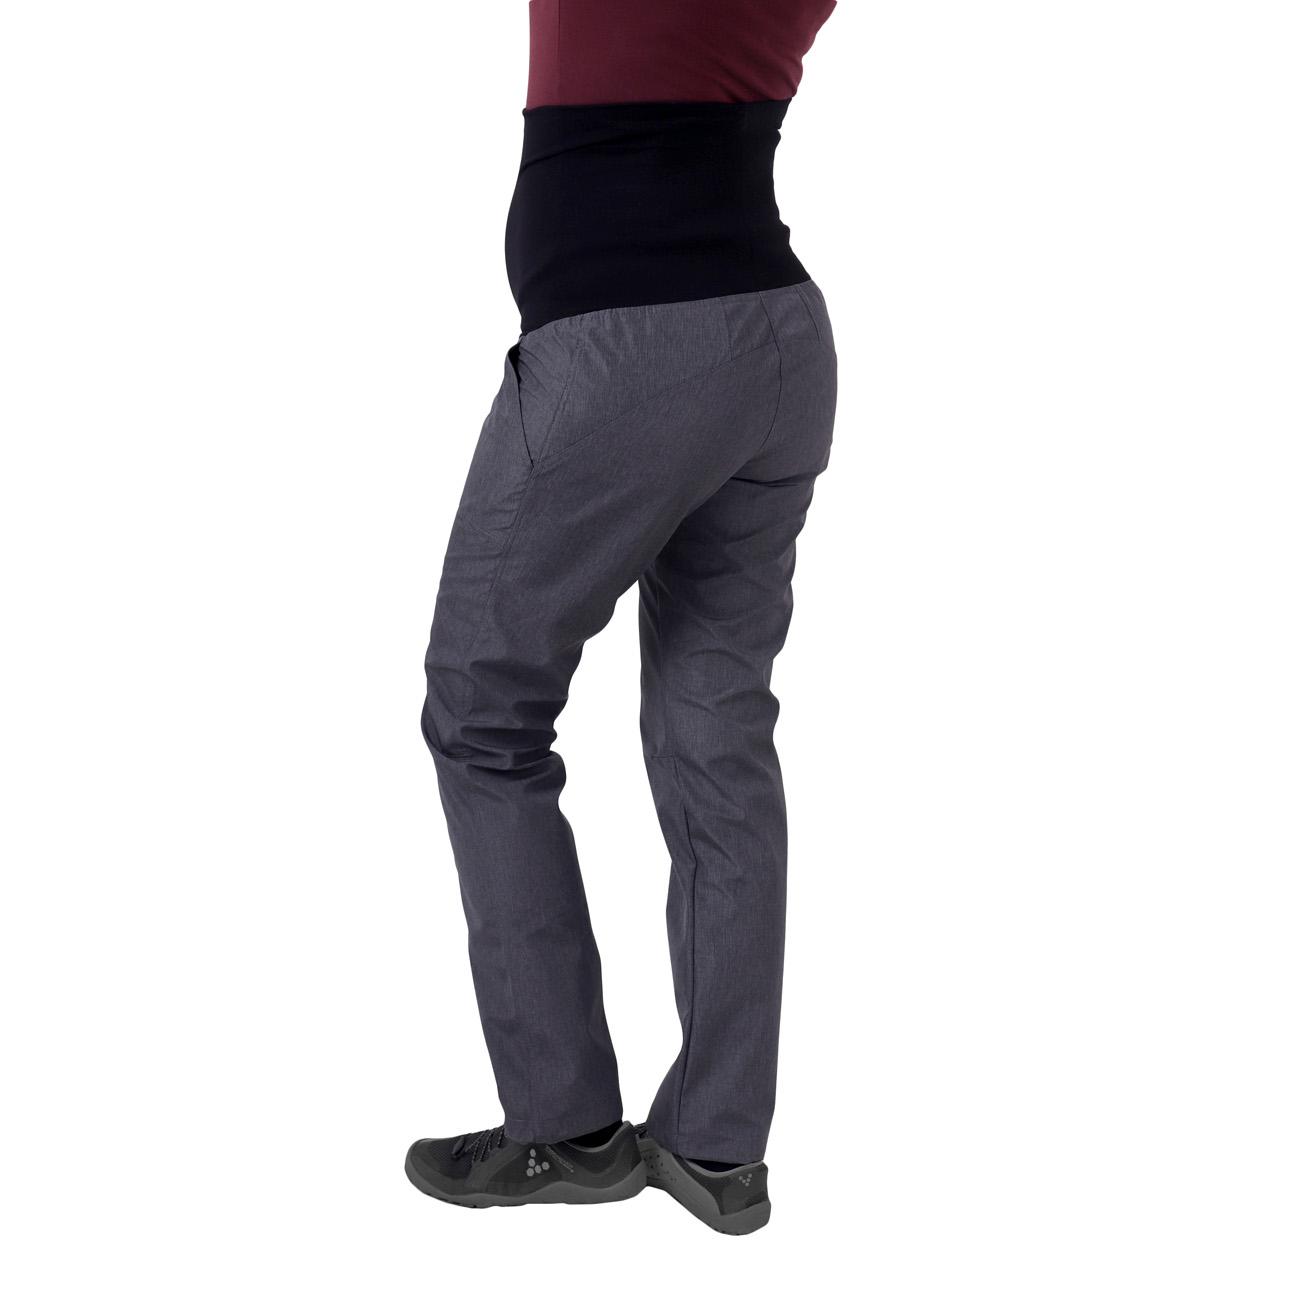 Jarní/letní těhotenské softshellové kalhoty liva, šedý melír, 40 zkrácená délka